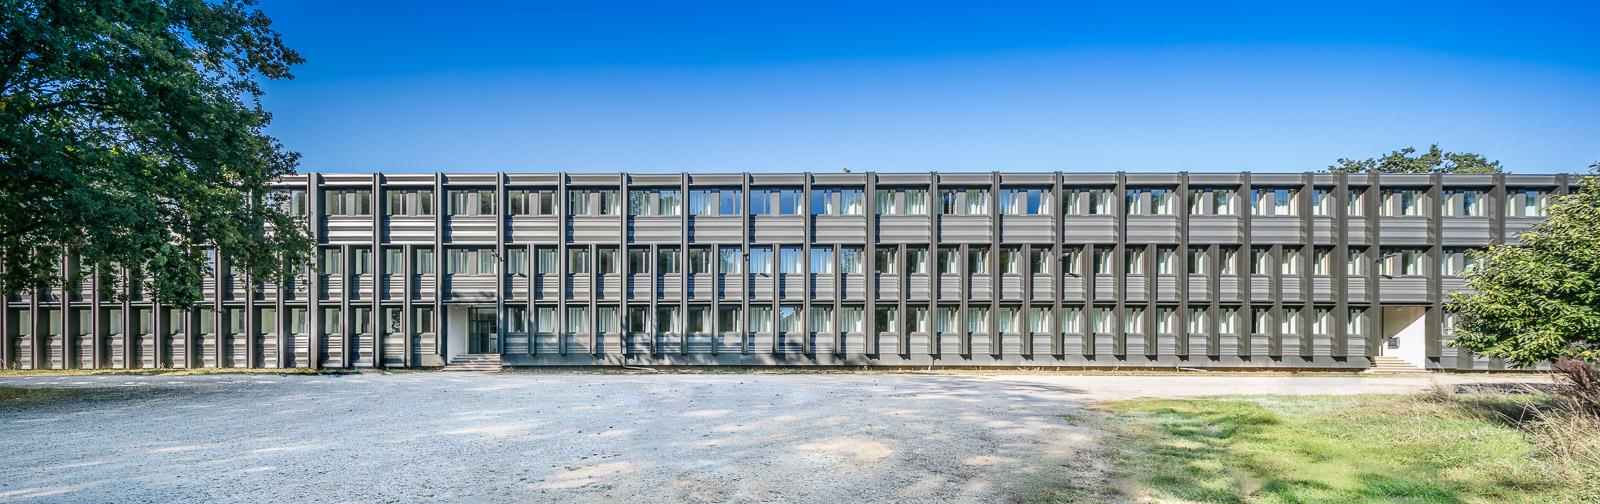 web 800p lycée de bréquigny--11